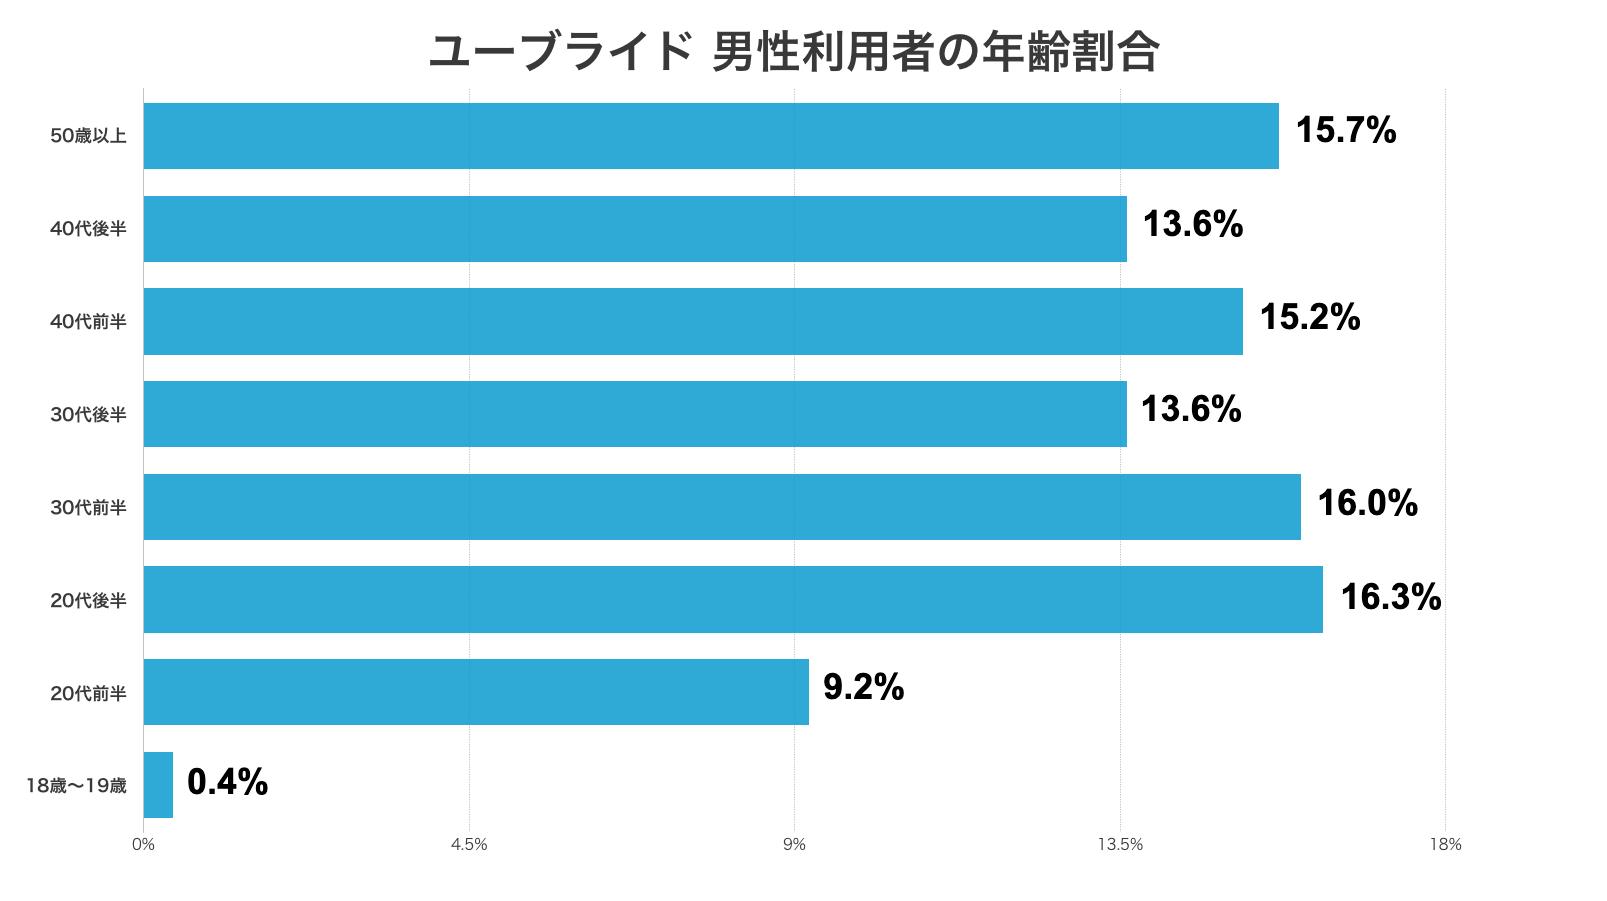 ユーブライド男性利用者の年齢層割合